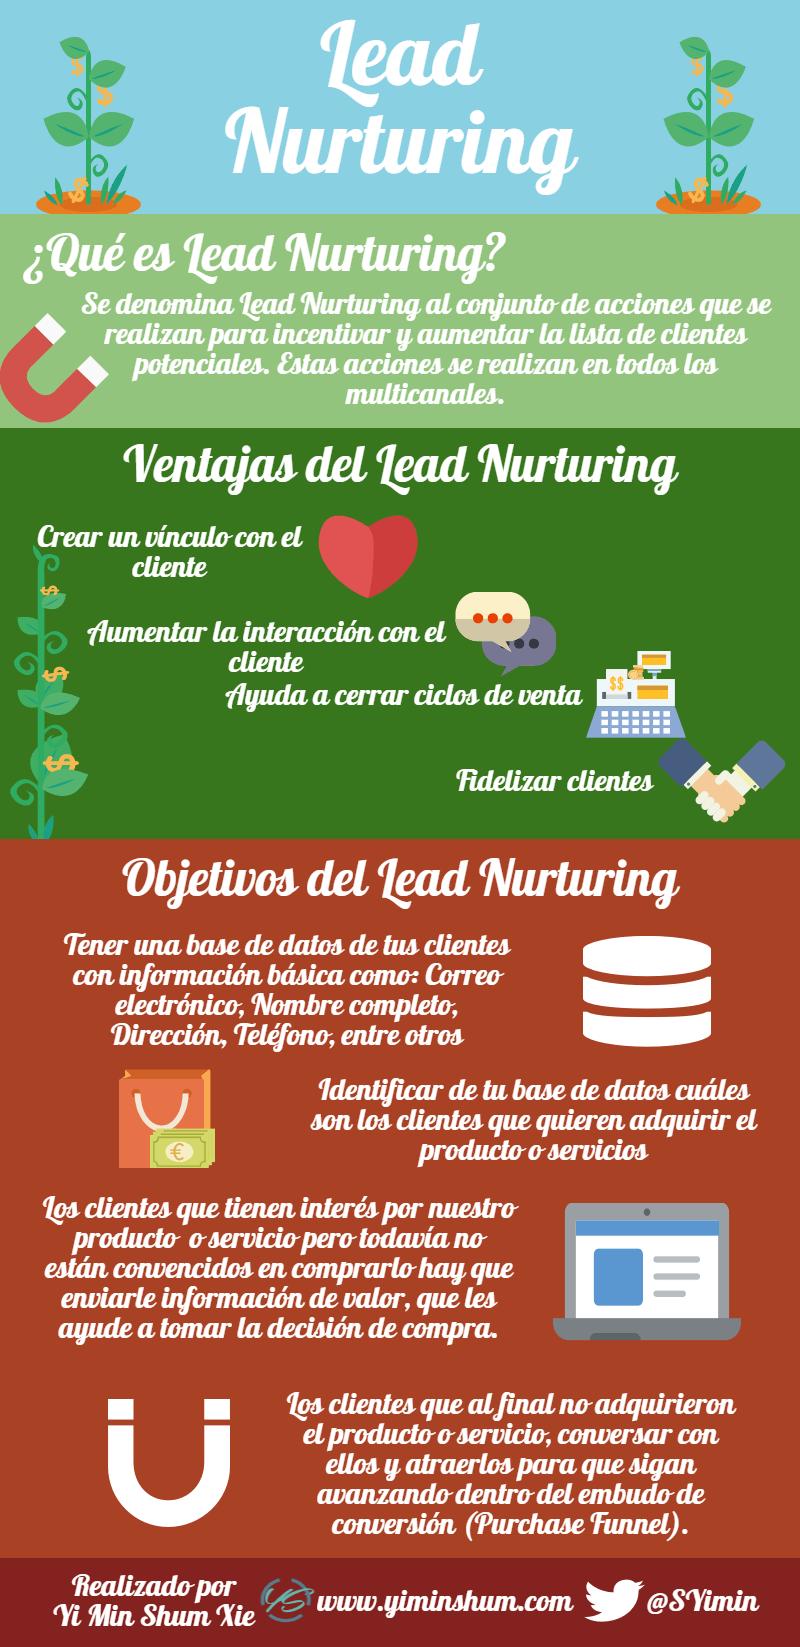 Lead Nurturing: ventajas y objetivos